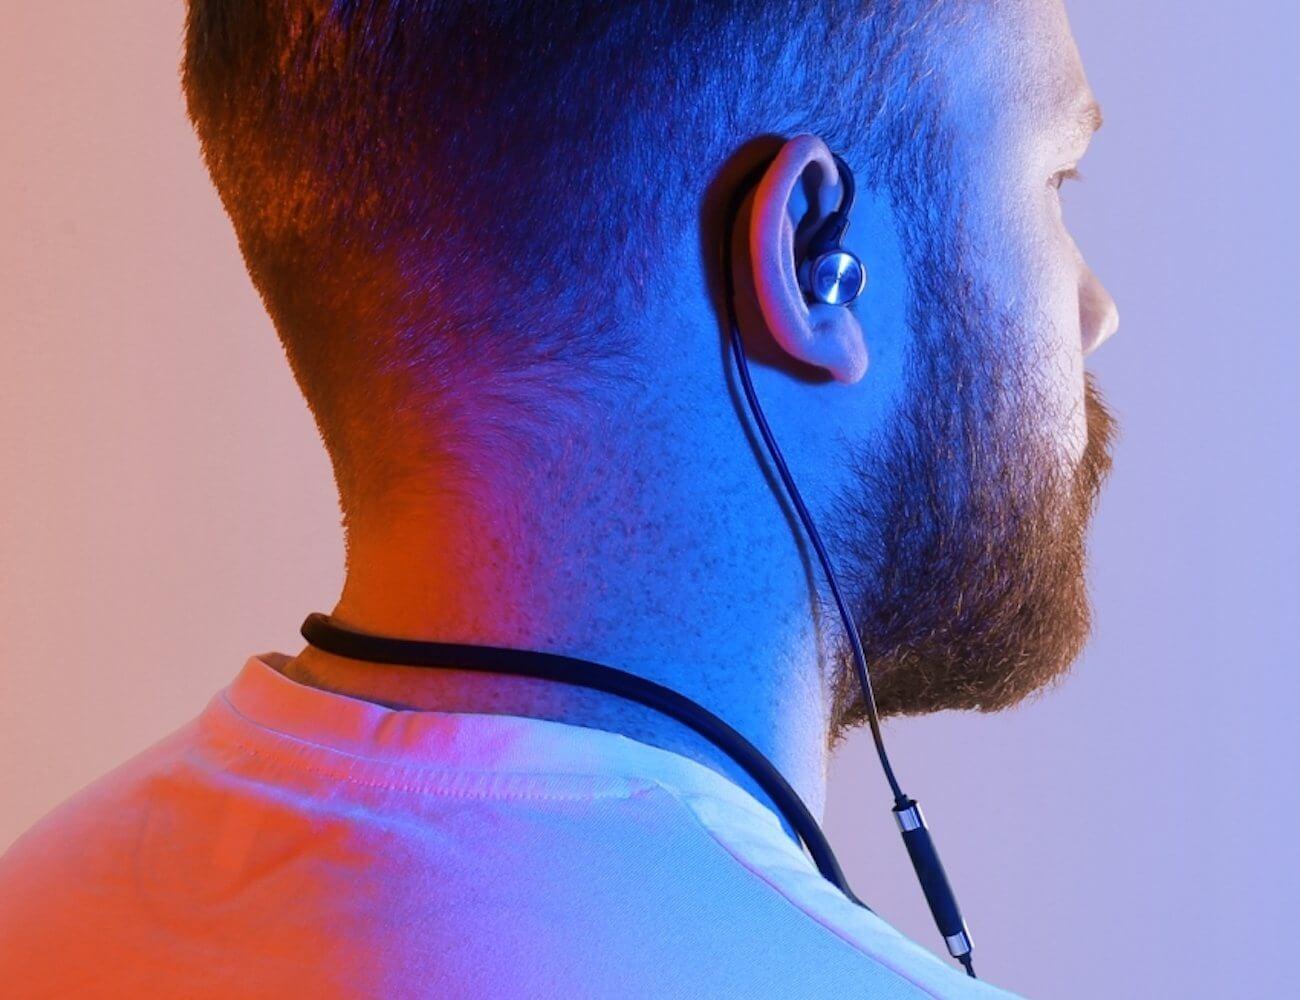 najlepší náhrdelník-bluetooth-slúchadlá-rha-ma750-slúchadlá-bezdrôtové-stereo-slúchadlá-aptx-do ucha-izolujúce